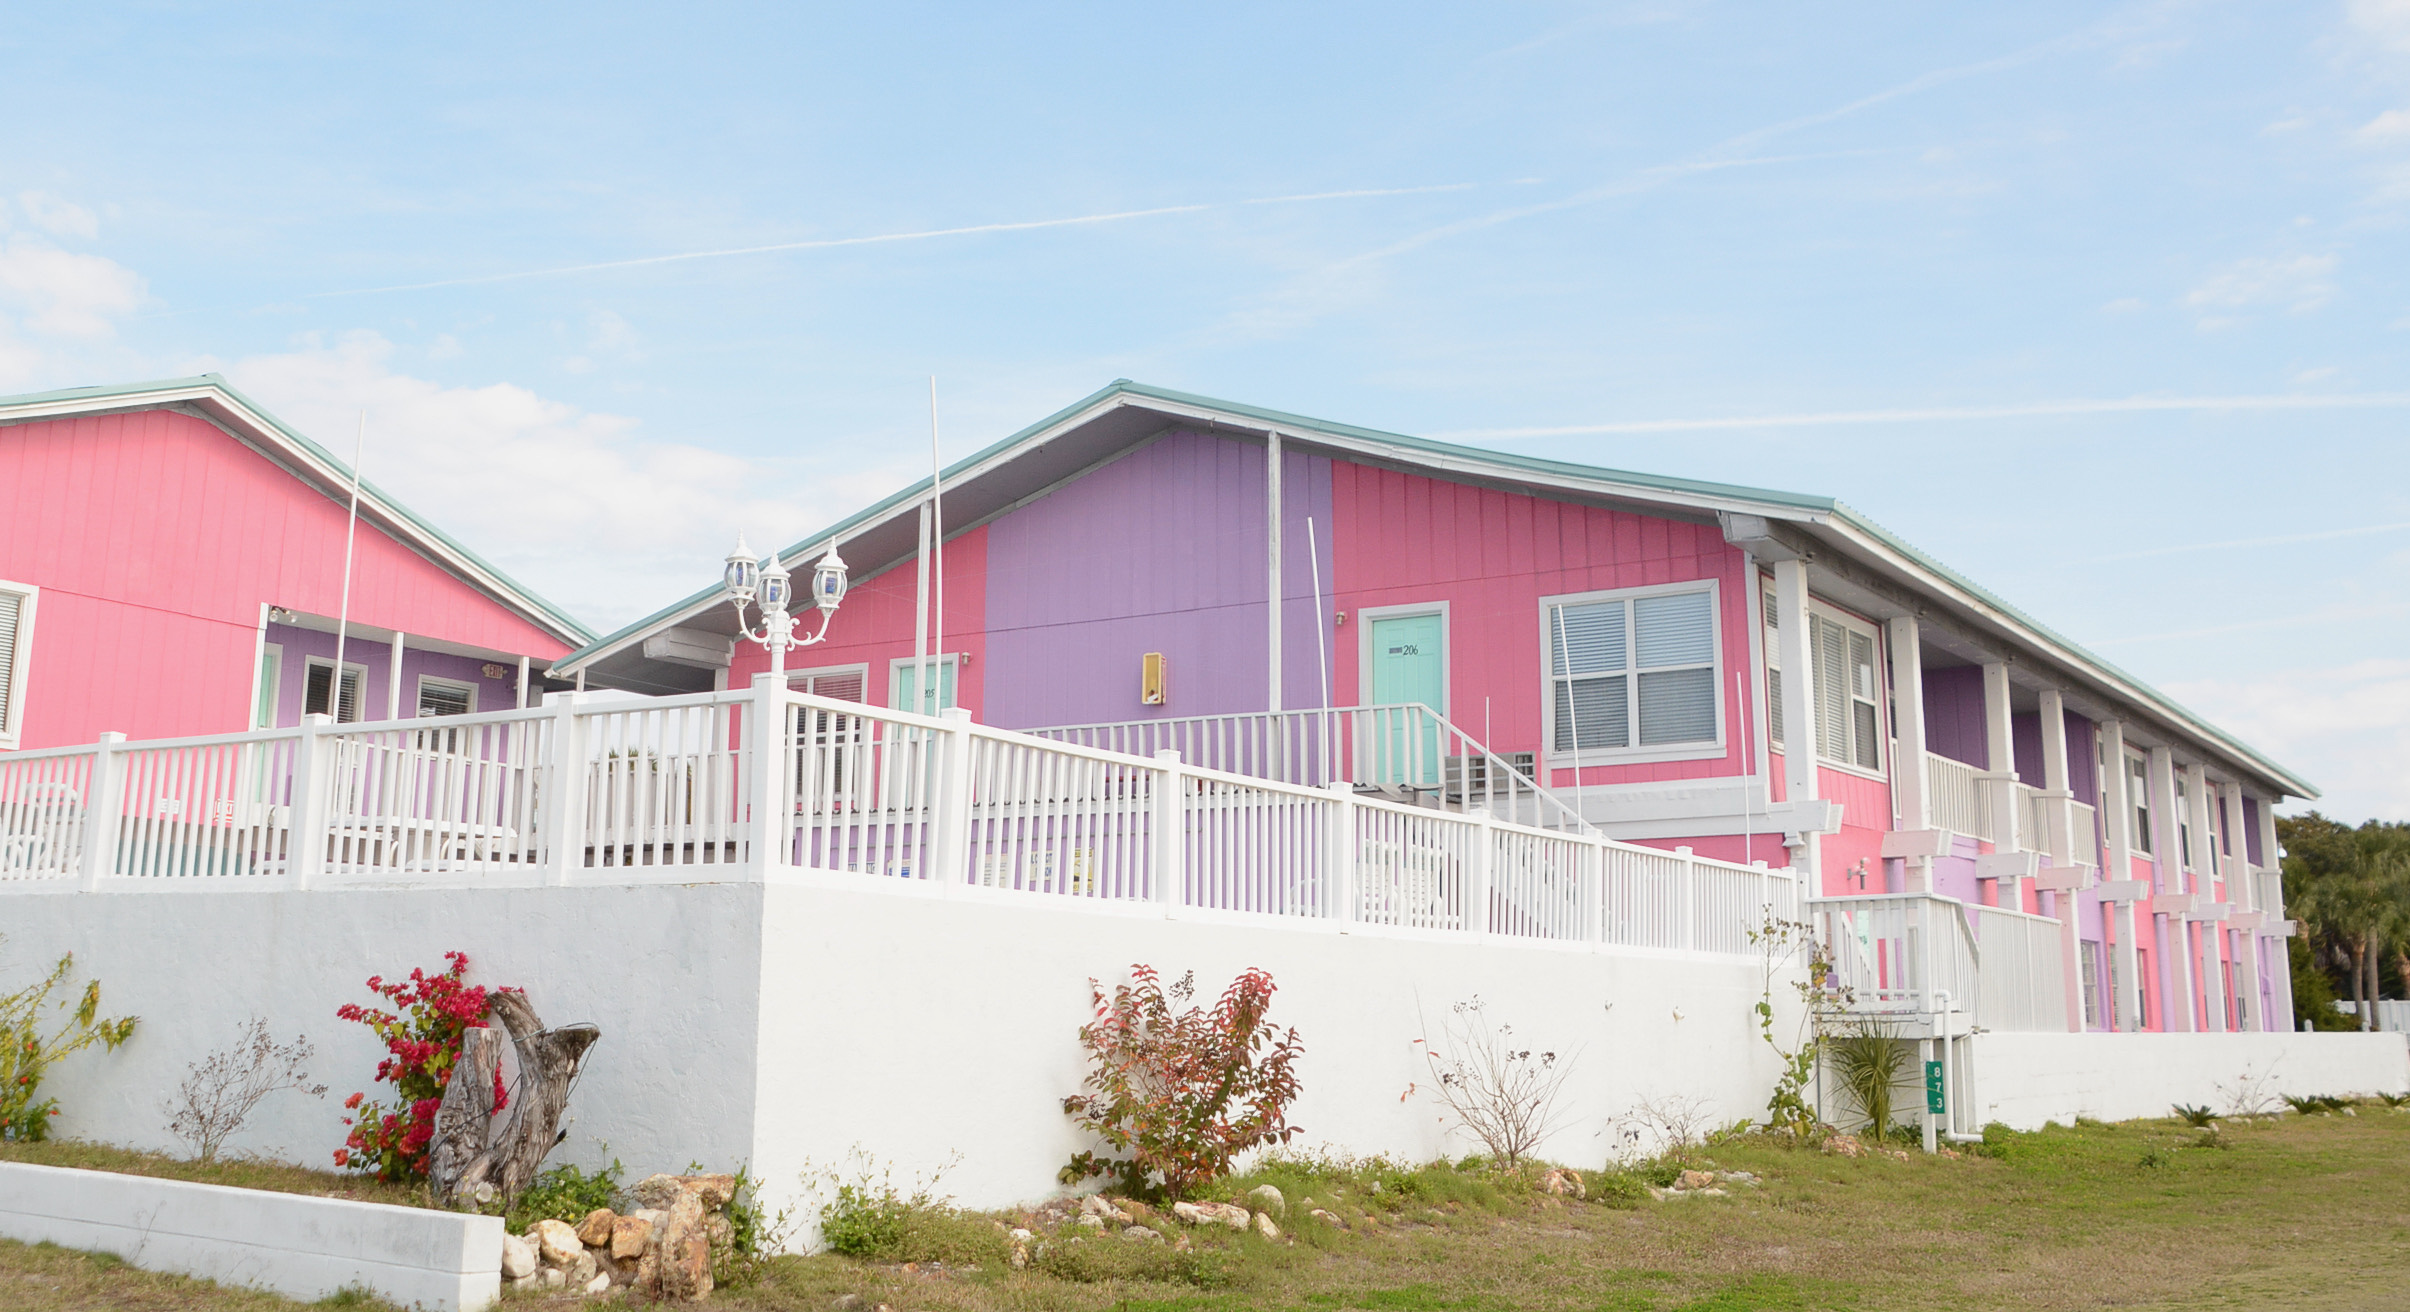 Ein Motel mit pinkem Anstrich in Florida